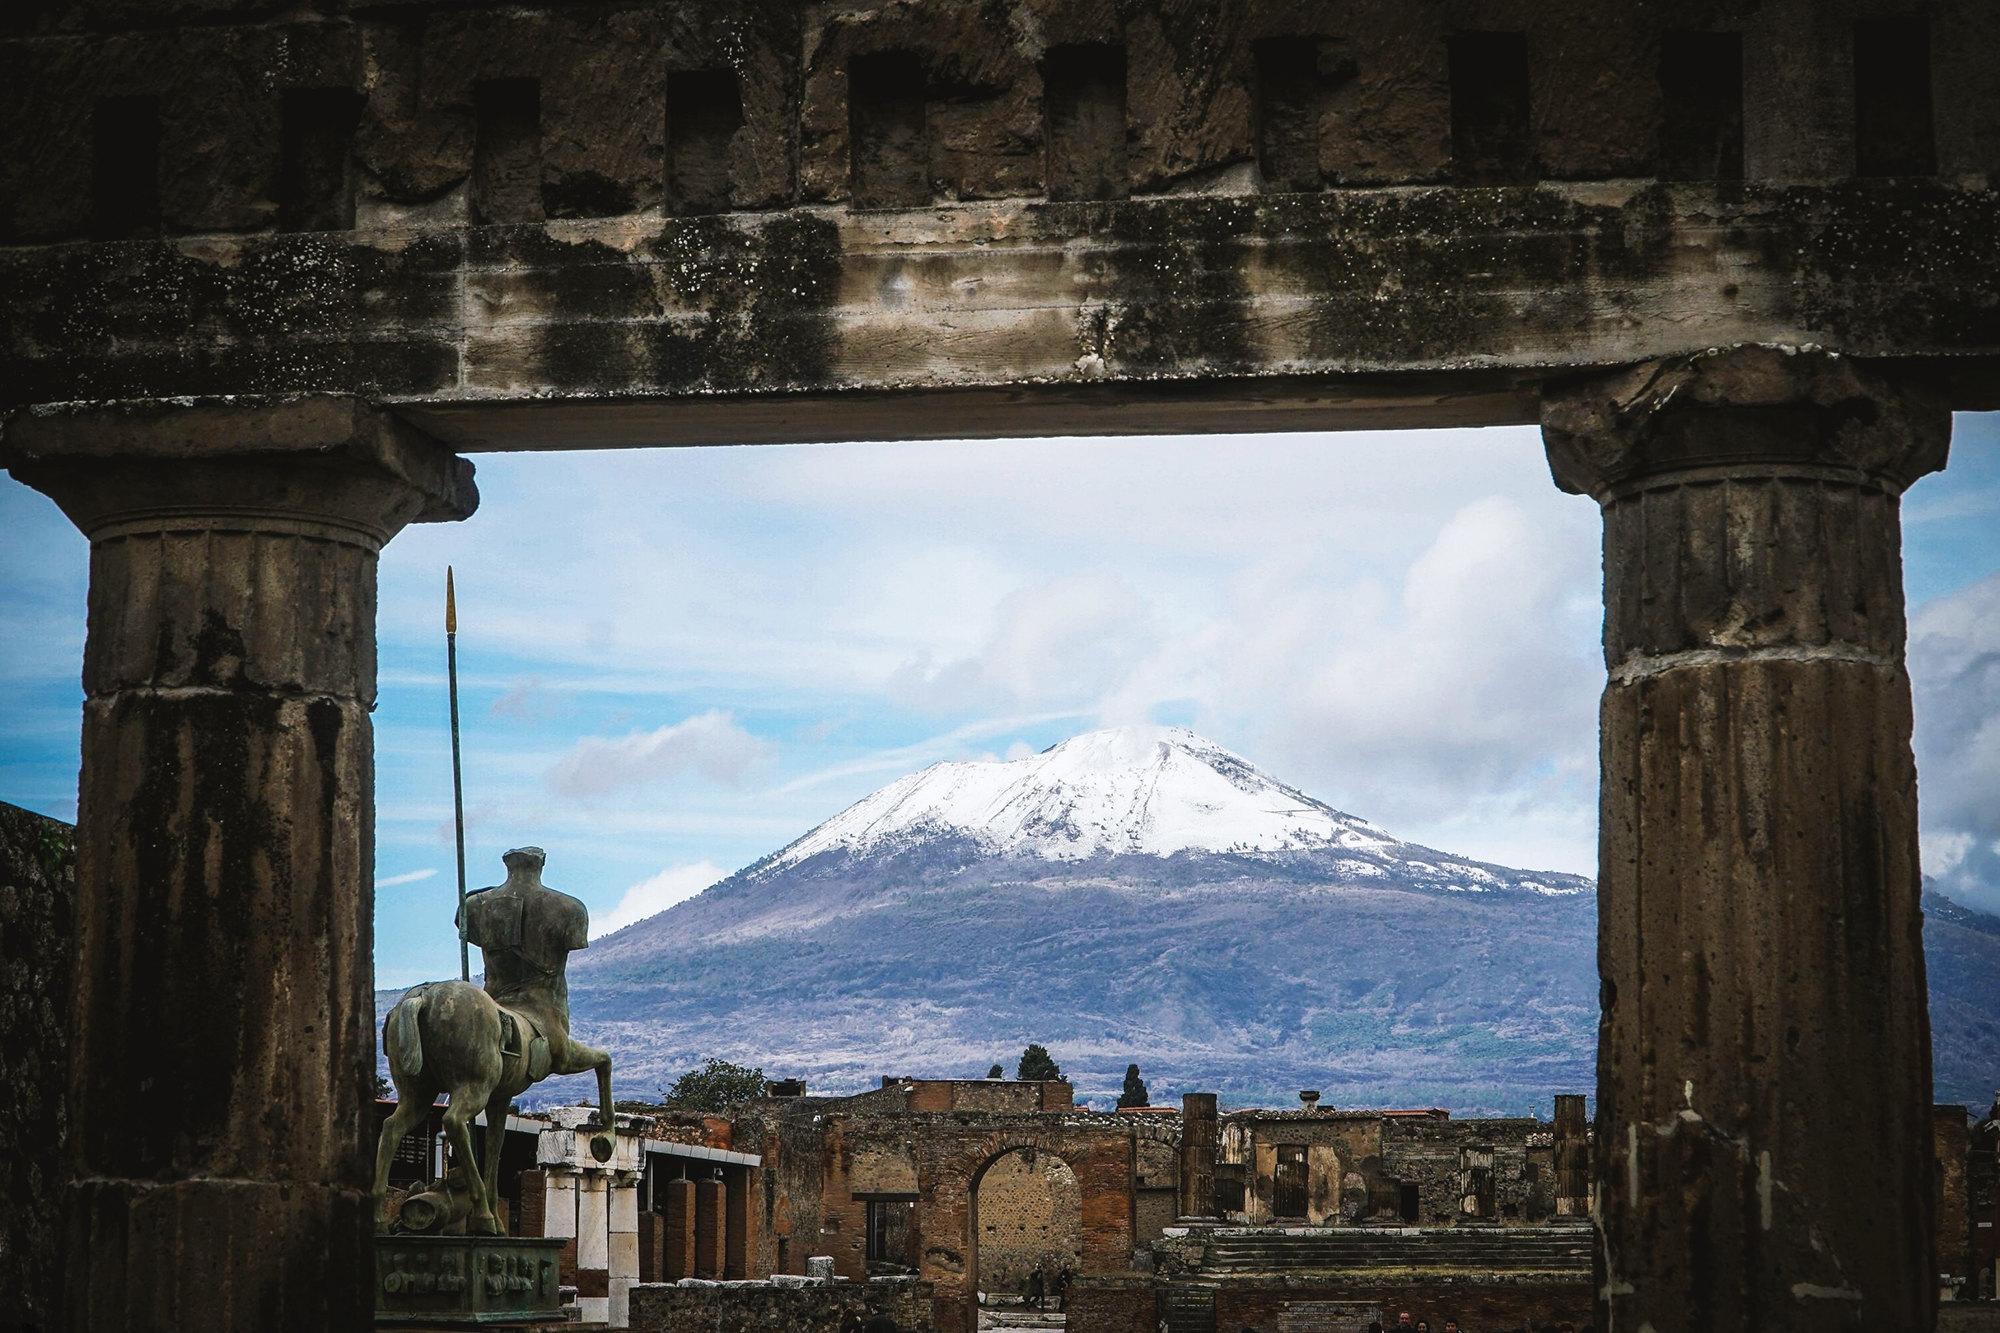 Заснеженная вершина вулкана Везувий вобрамлении руин, обнаруженных врезультате археологических раскопок города Помпеи близ Неаполя, Италия, 23 января 2019